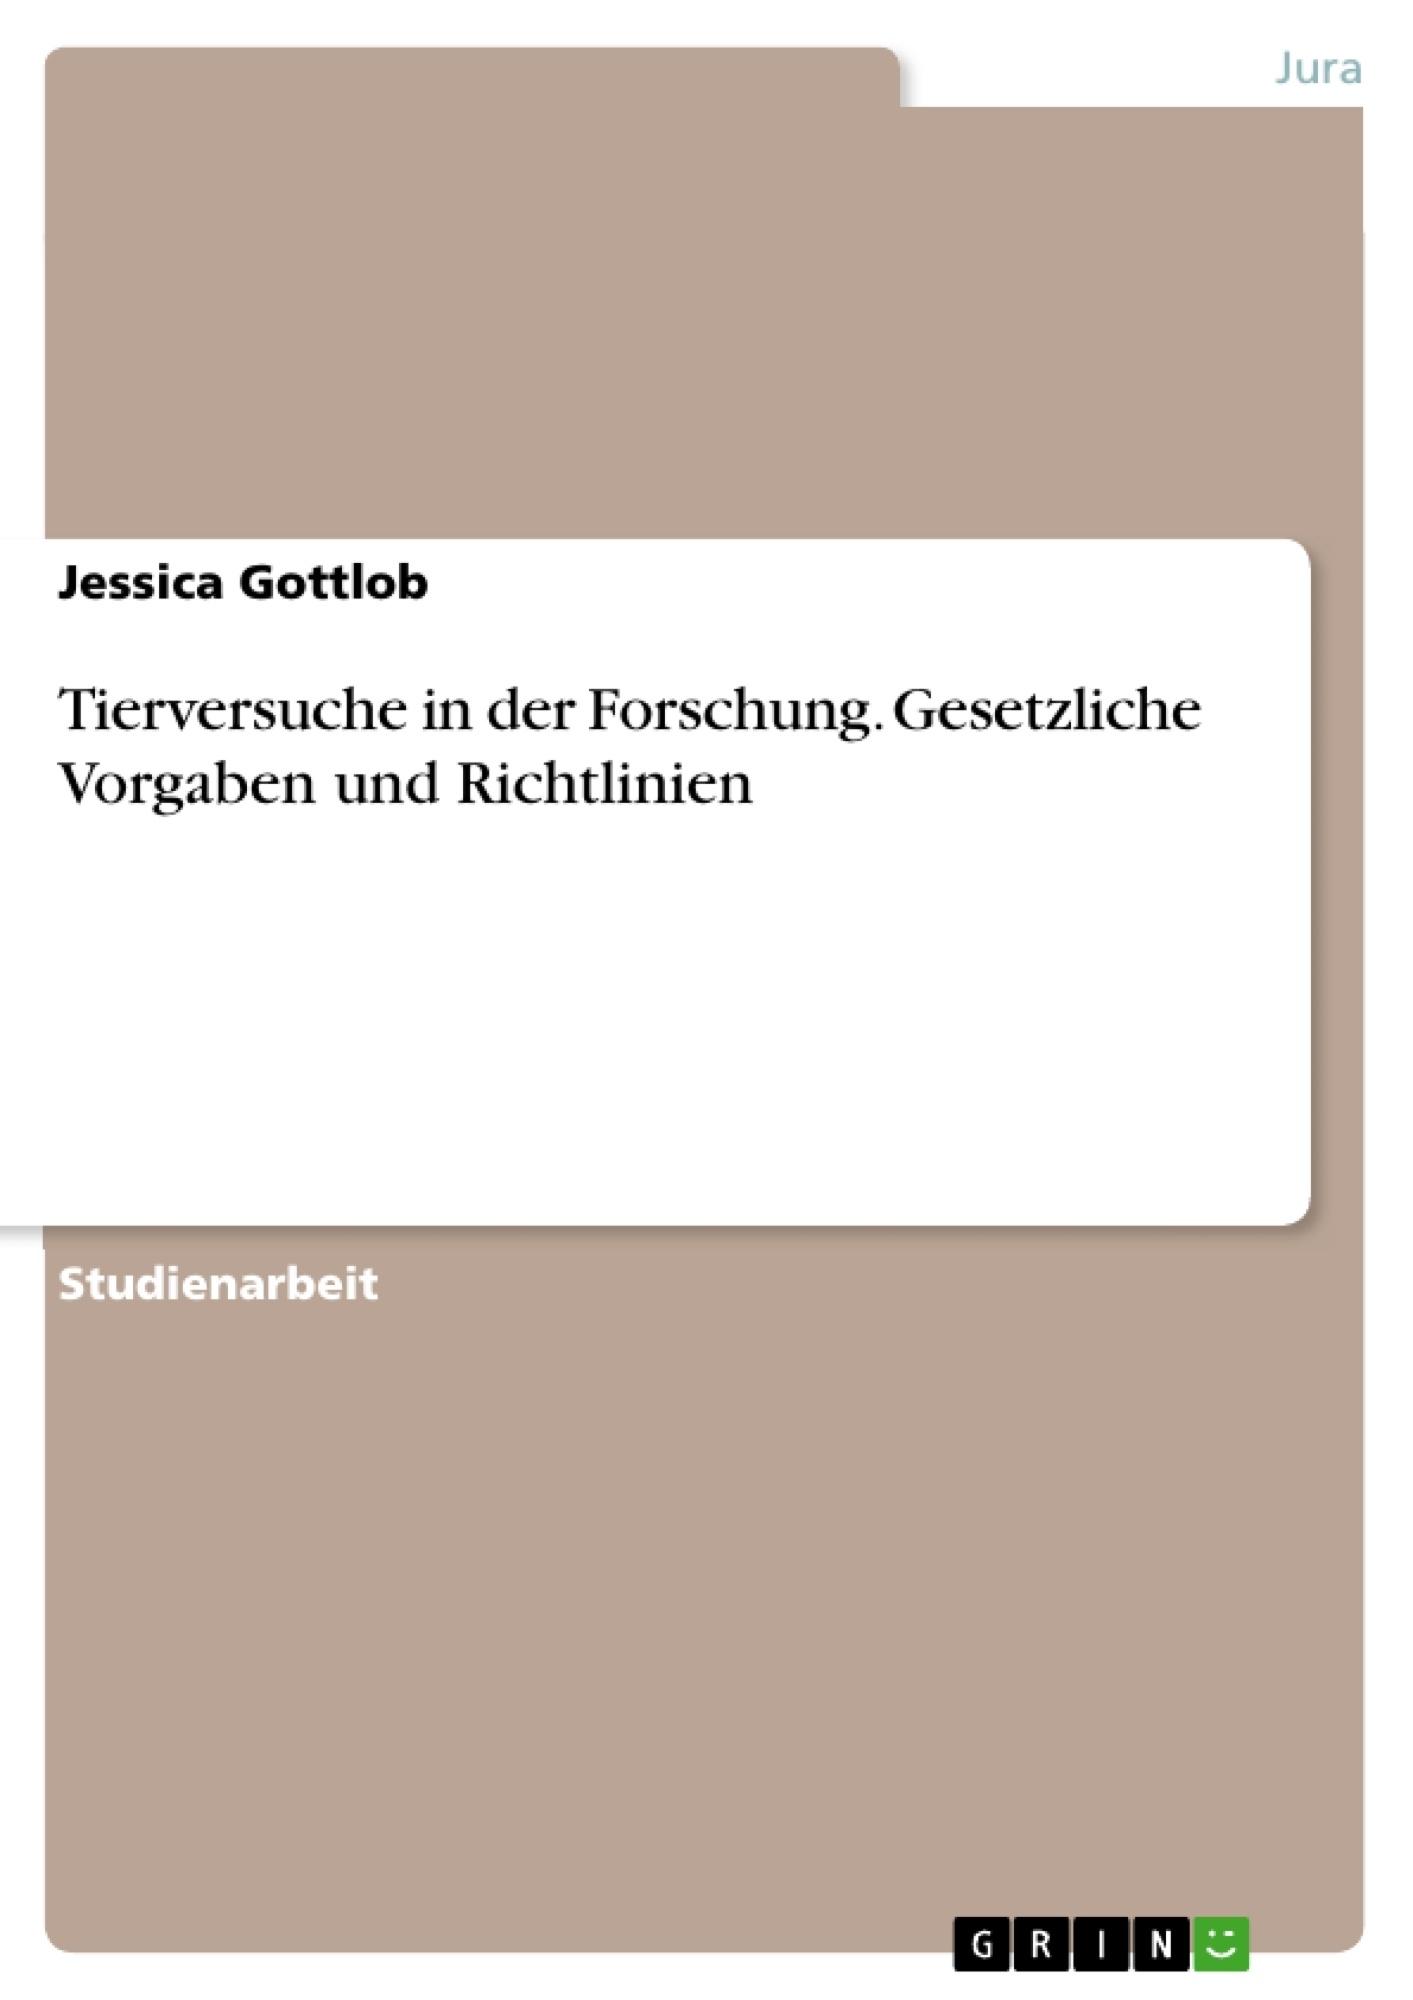 Titel: Tierversuche in der Forschung. Gesetzliche Vorgaben und Richtlinien